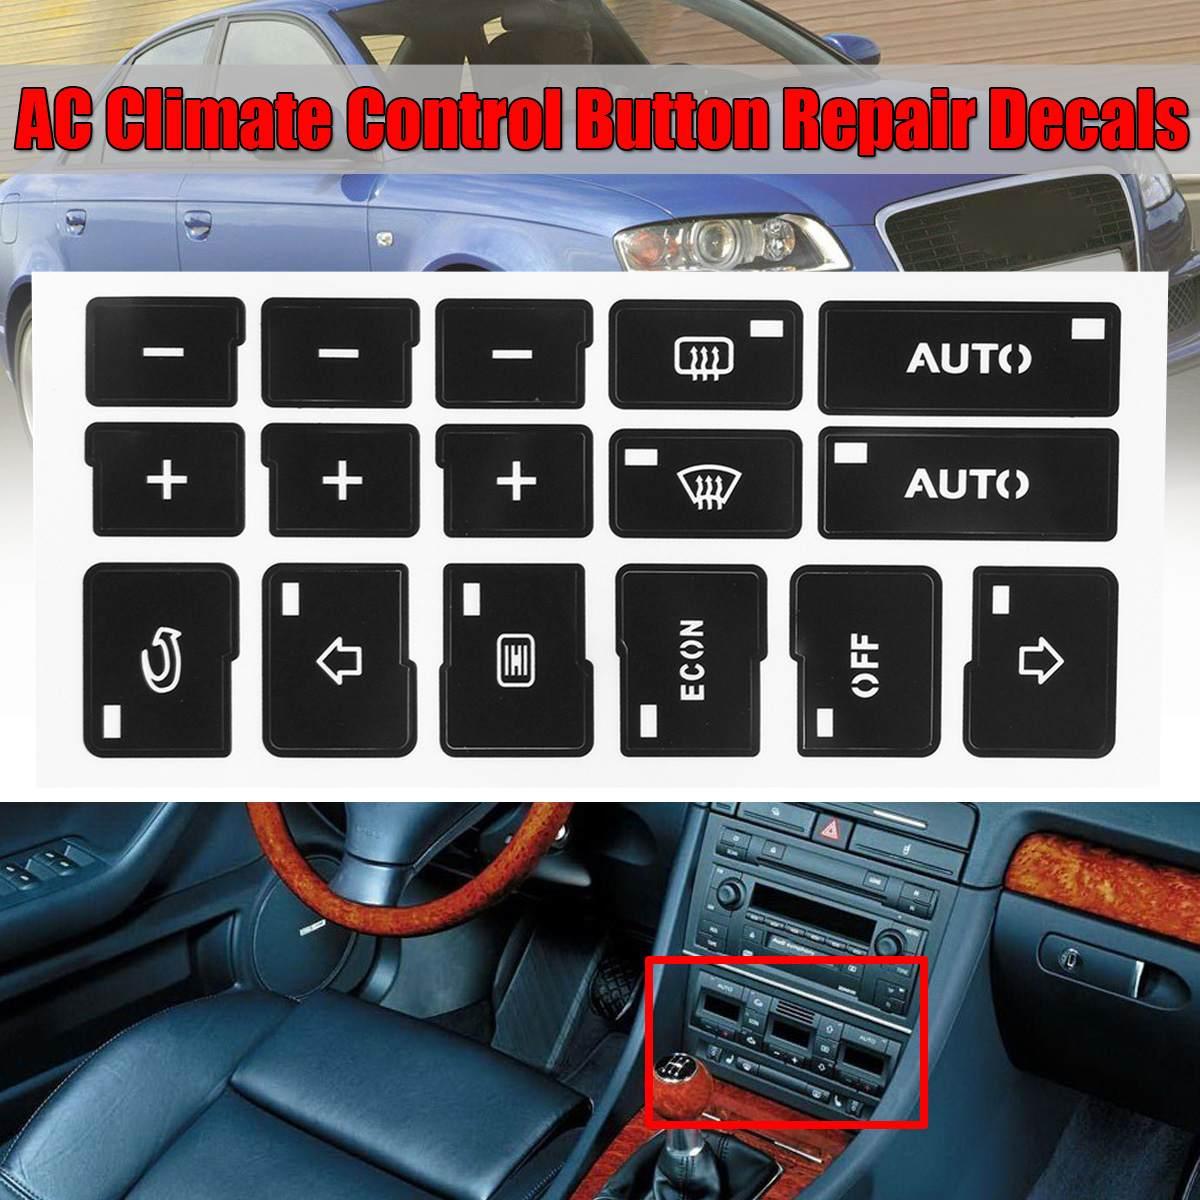 Autocollants de réparation de bouton de climatisation AC climatisation de voiture pour Audi A4 B6 B7 2000 2001 2002 2003 2004